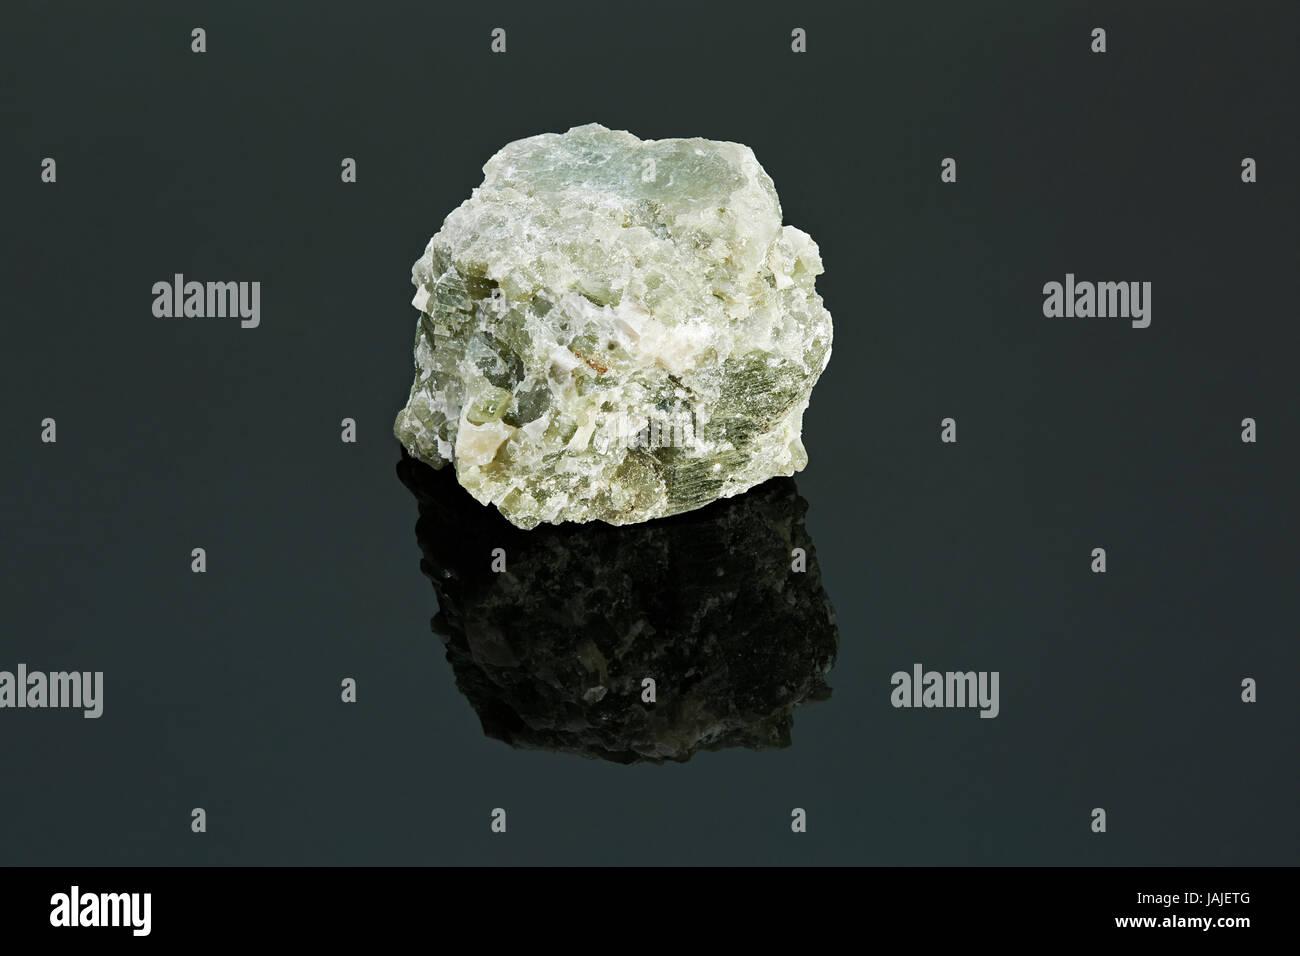 diopside diopside mineral information and. Black Bedroom Furniture Sets. Home Design Ideas